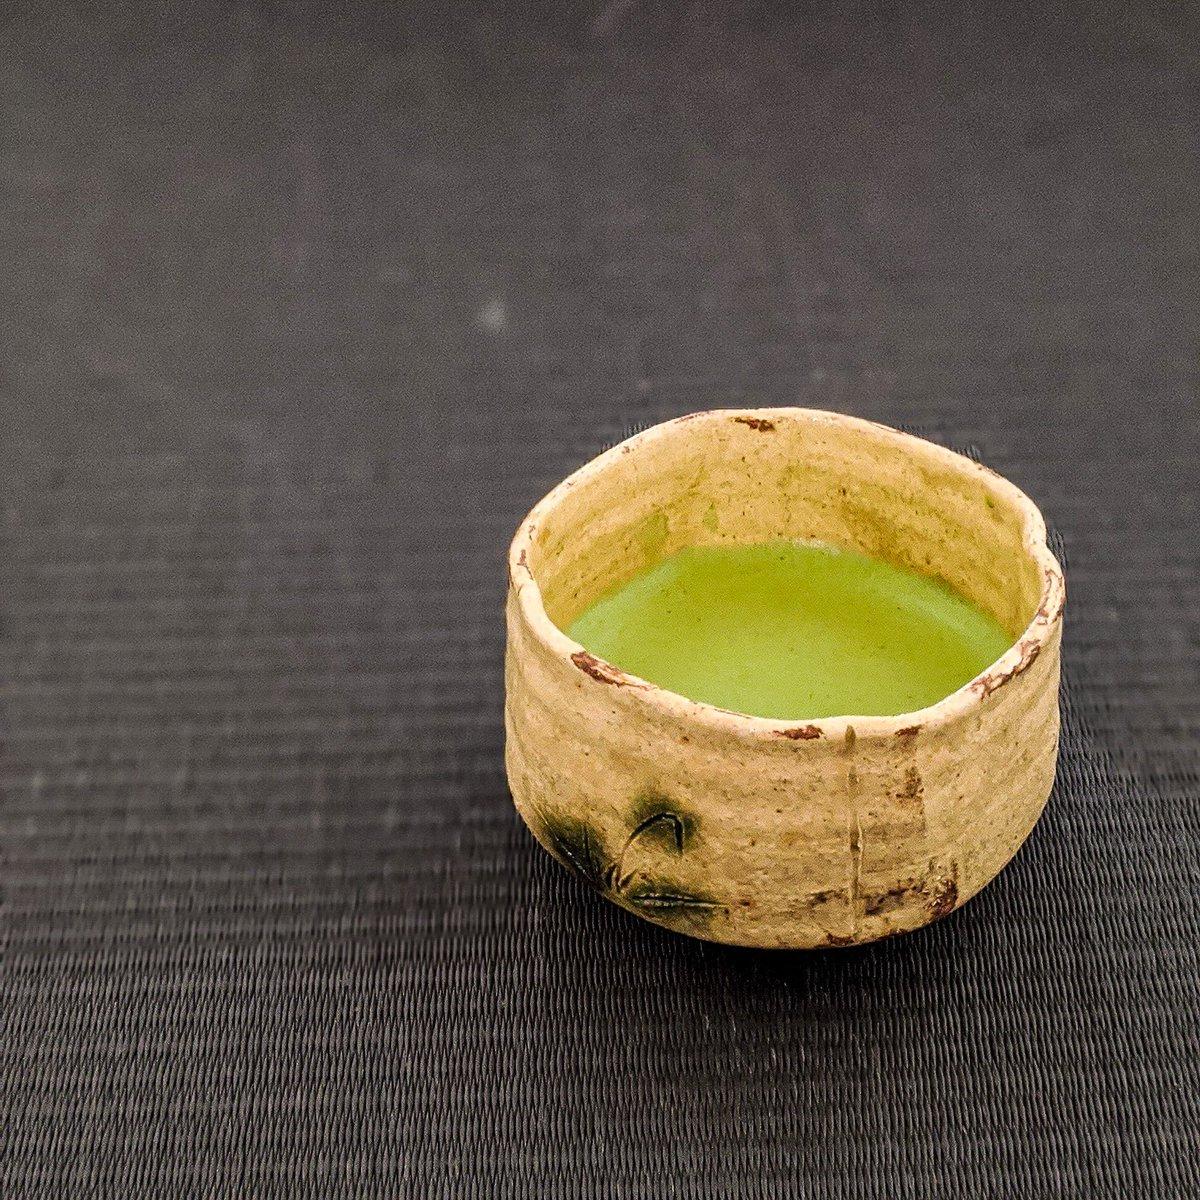 朝の一服 西岡悠@岐阜 3401服  黄瀬戸向付茶碗  ついついいろんなことをしたくなる、してしまう。でも、ゆっくり過ごす時間も大事ですね。  朝の一服もそんな時間にしたい。  #西岡悠  #茶の湯 #茶会 #茶道 #茶碗 #抹茶 #TeaCeremony #Chanoyu #TeaBowl #Matcha #pottery #ceramics https://t.co/hM4cVEPNLz